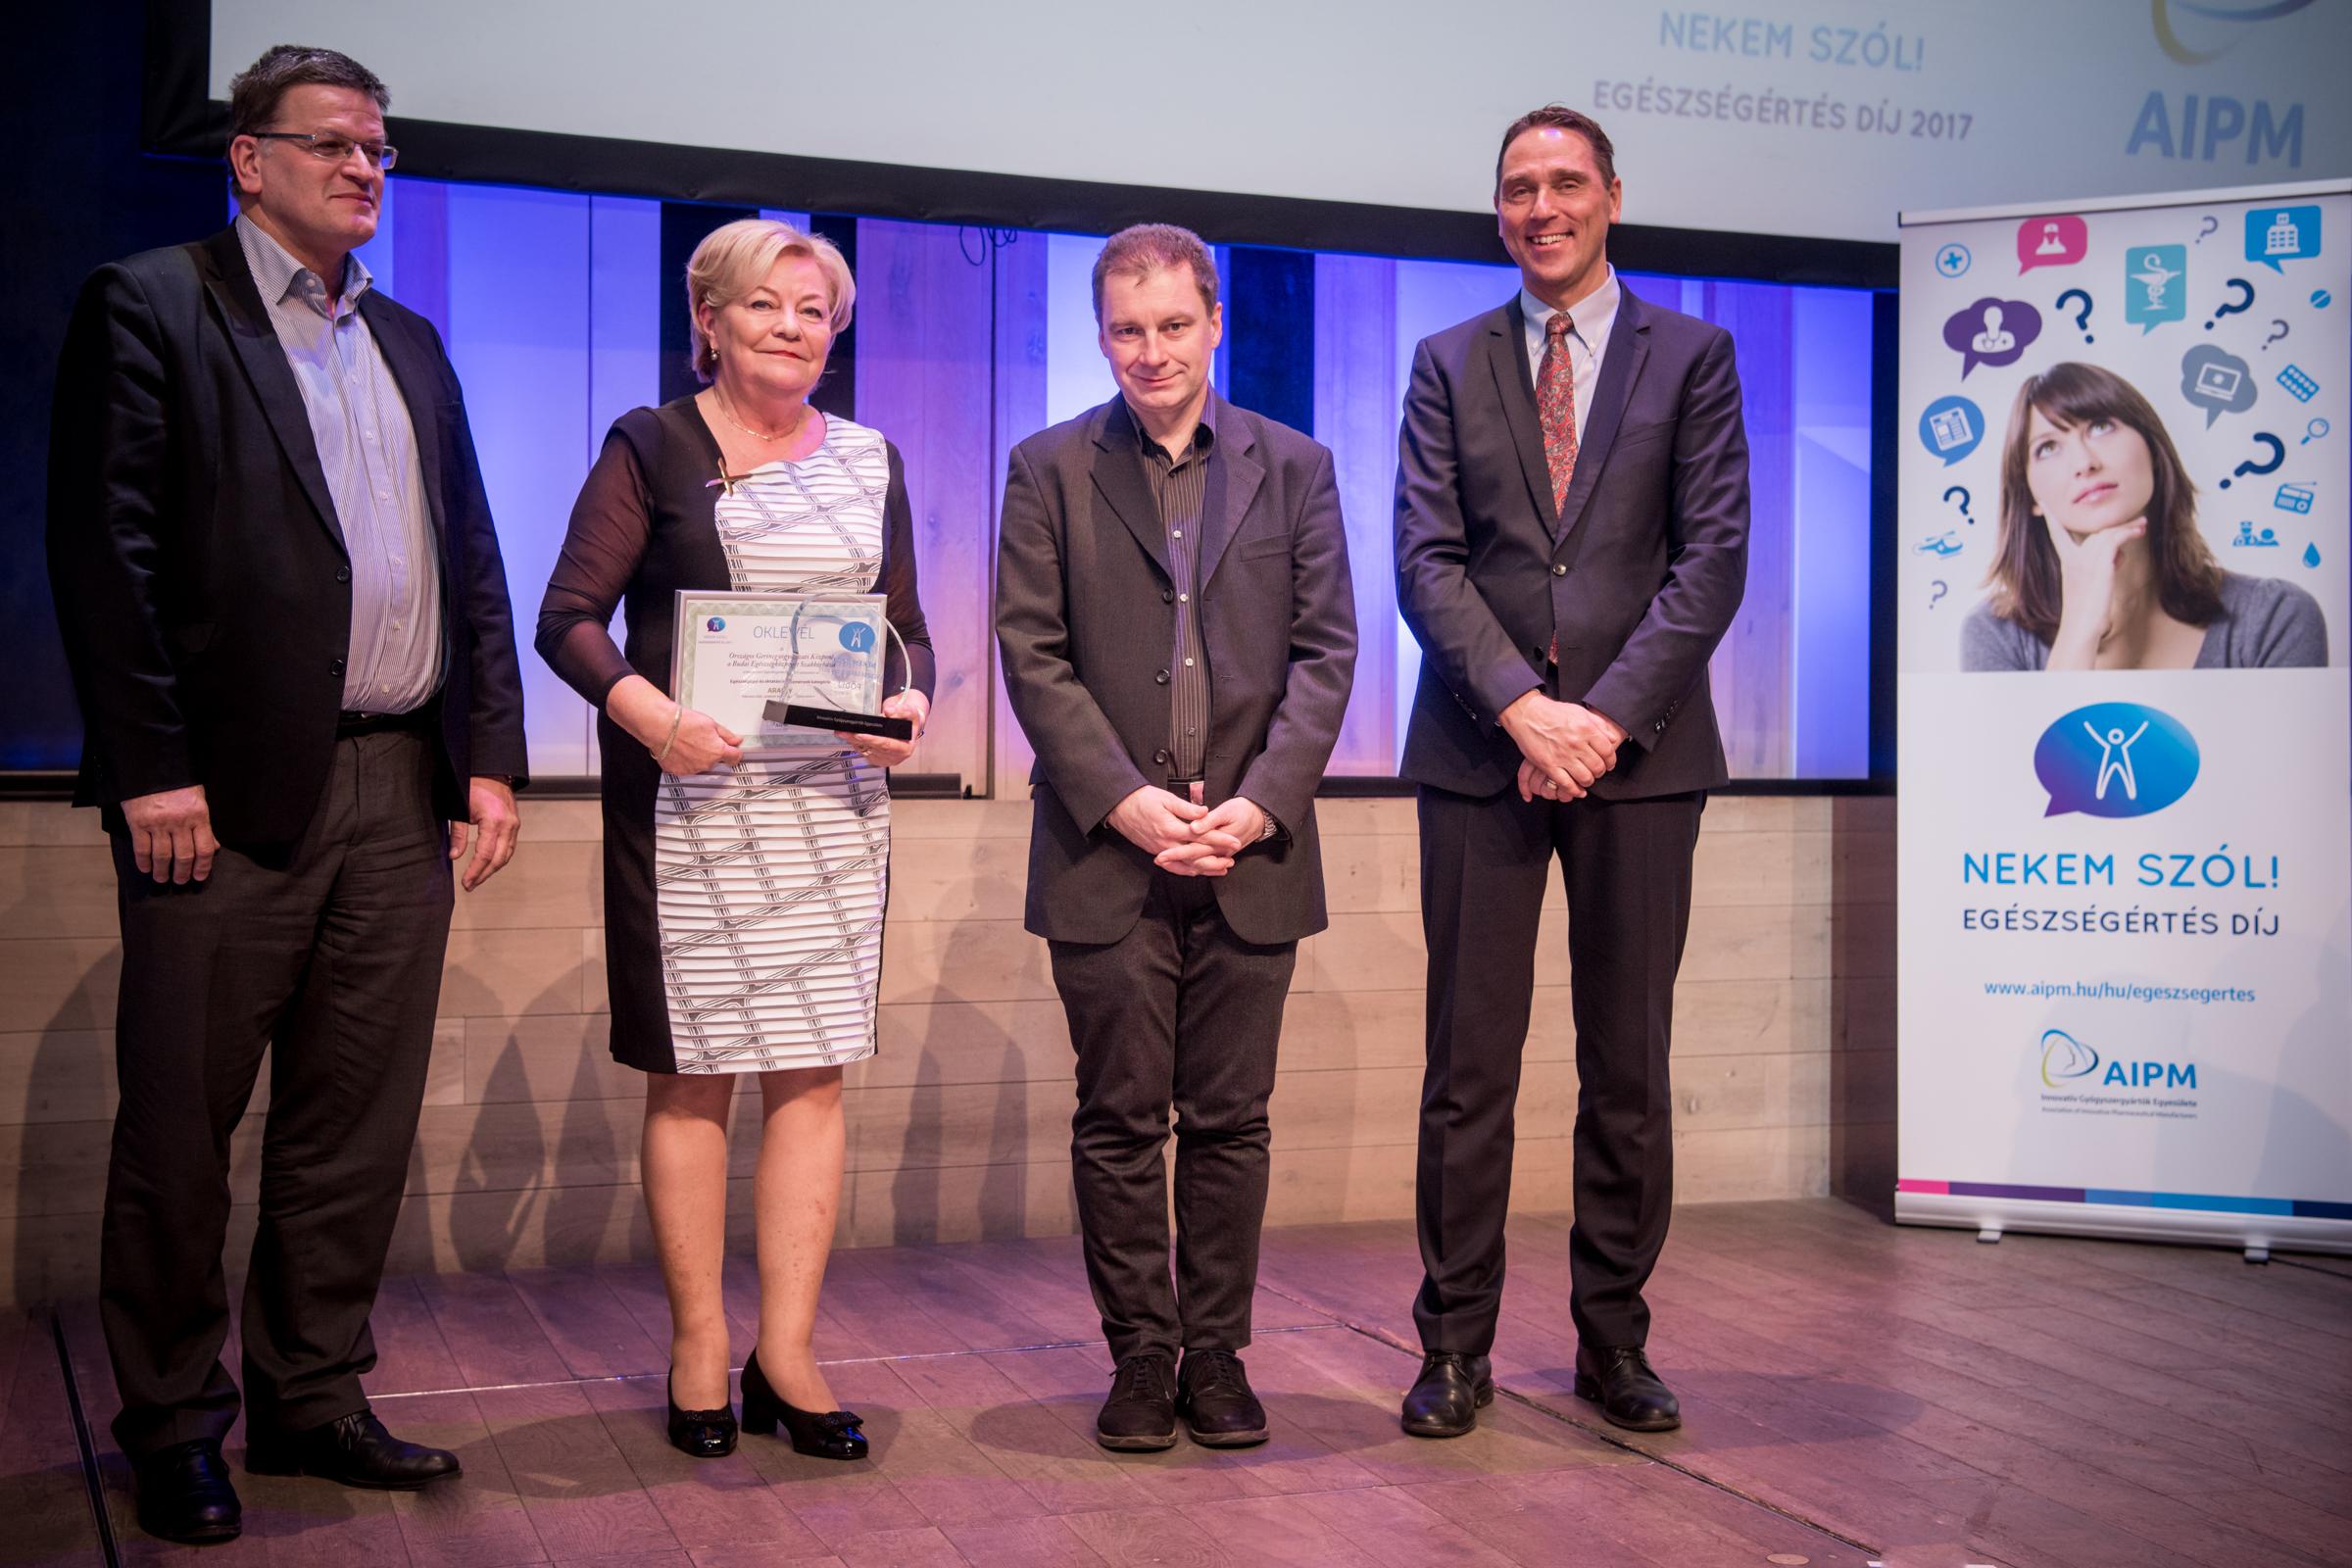 Az Országos Gerincgyógyászati Központ képviselői a díjátadó ünnepségen.